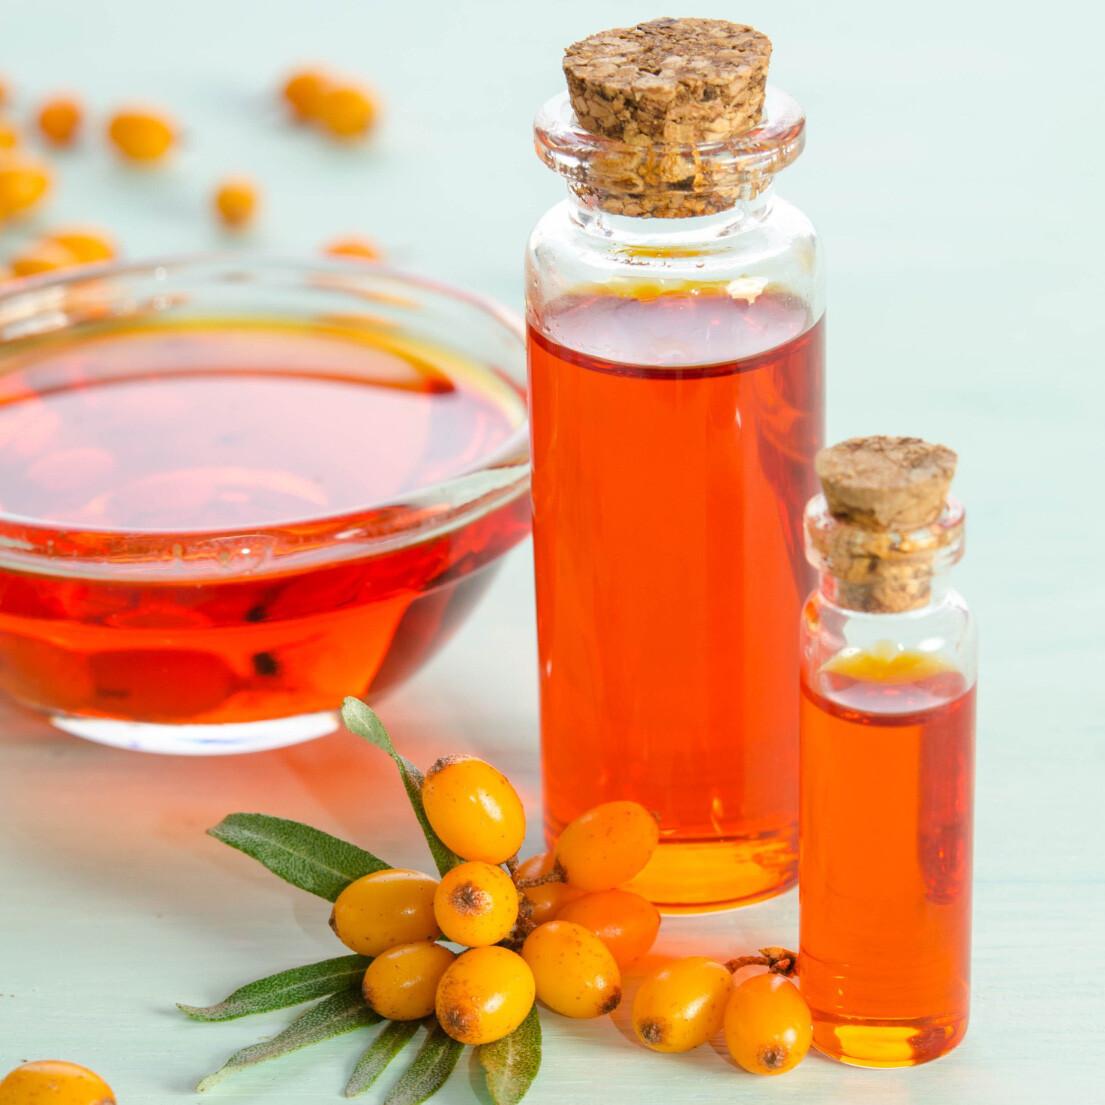 沙棘油是很好的植物性 Omega 脂肪酸來源